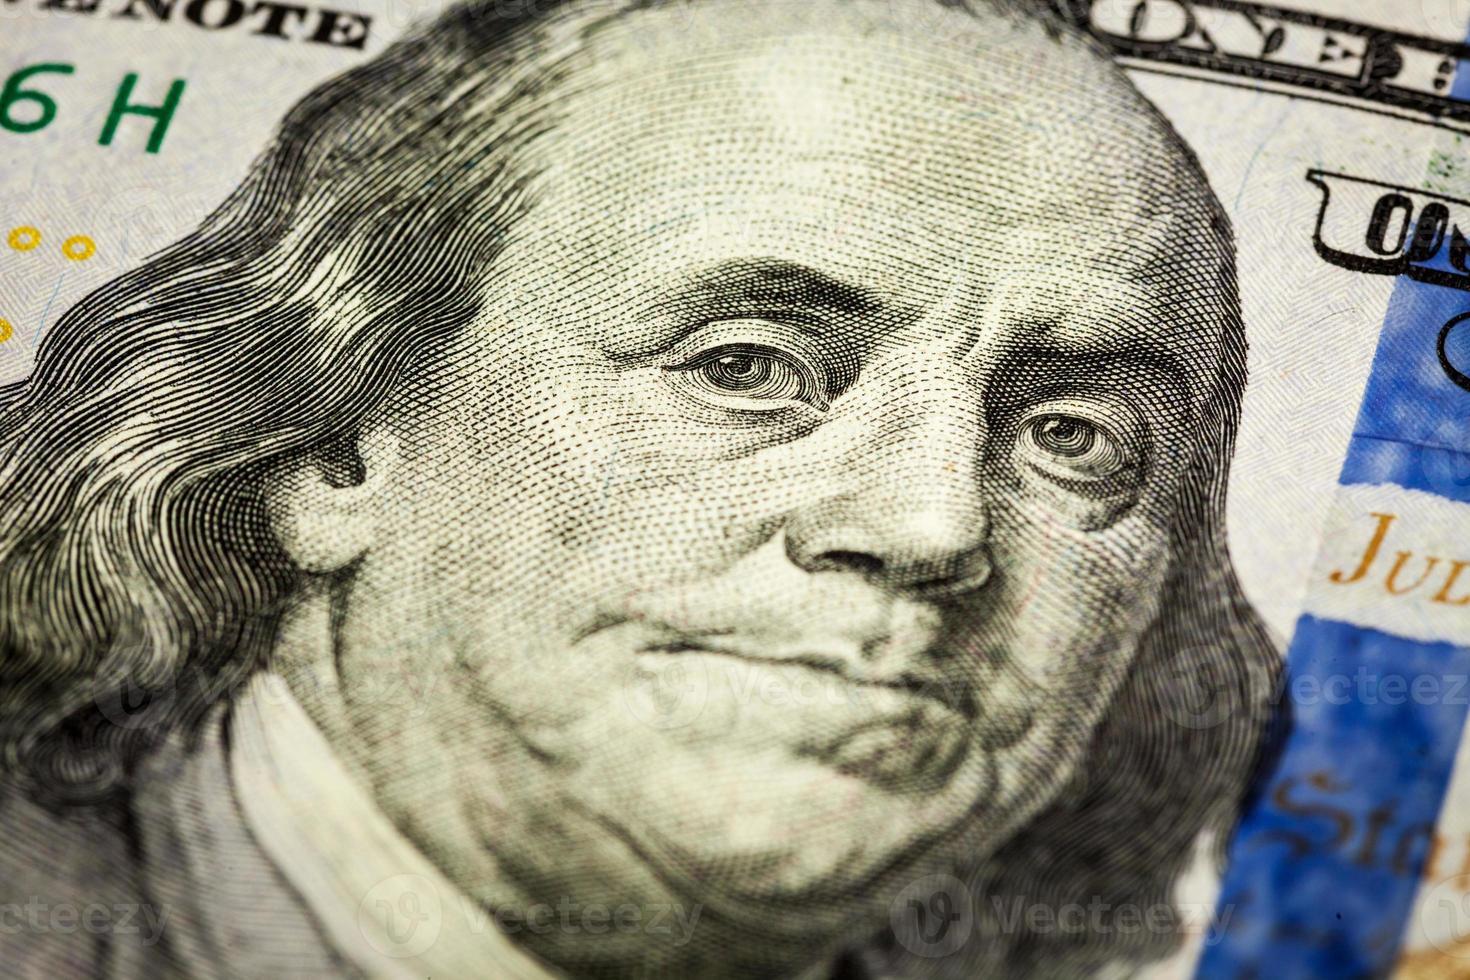 Benjamin Franklin Porträt Makroaufnahme von 100 Rechnung foto